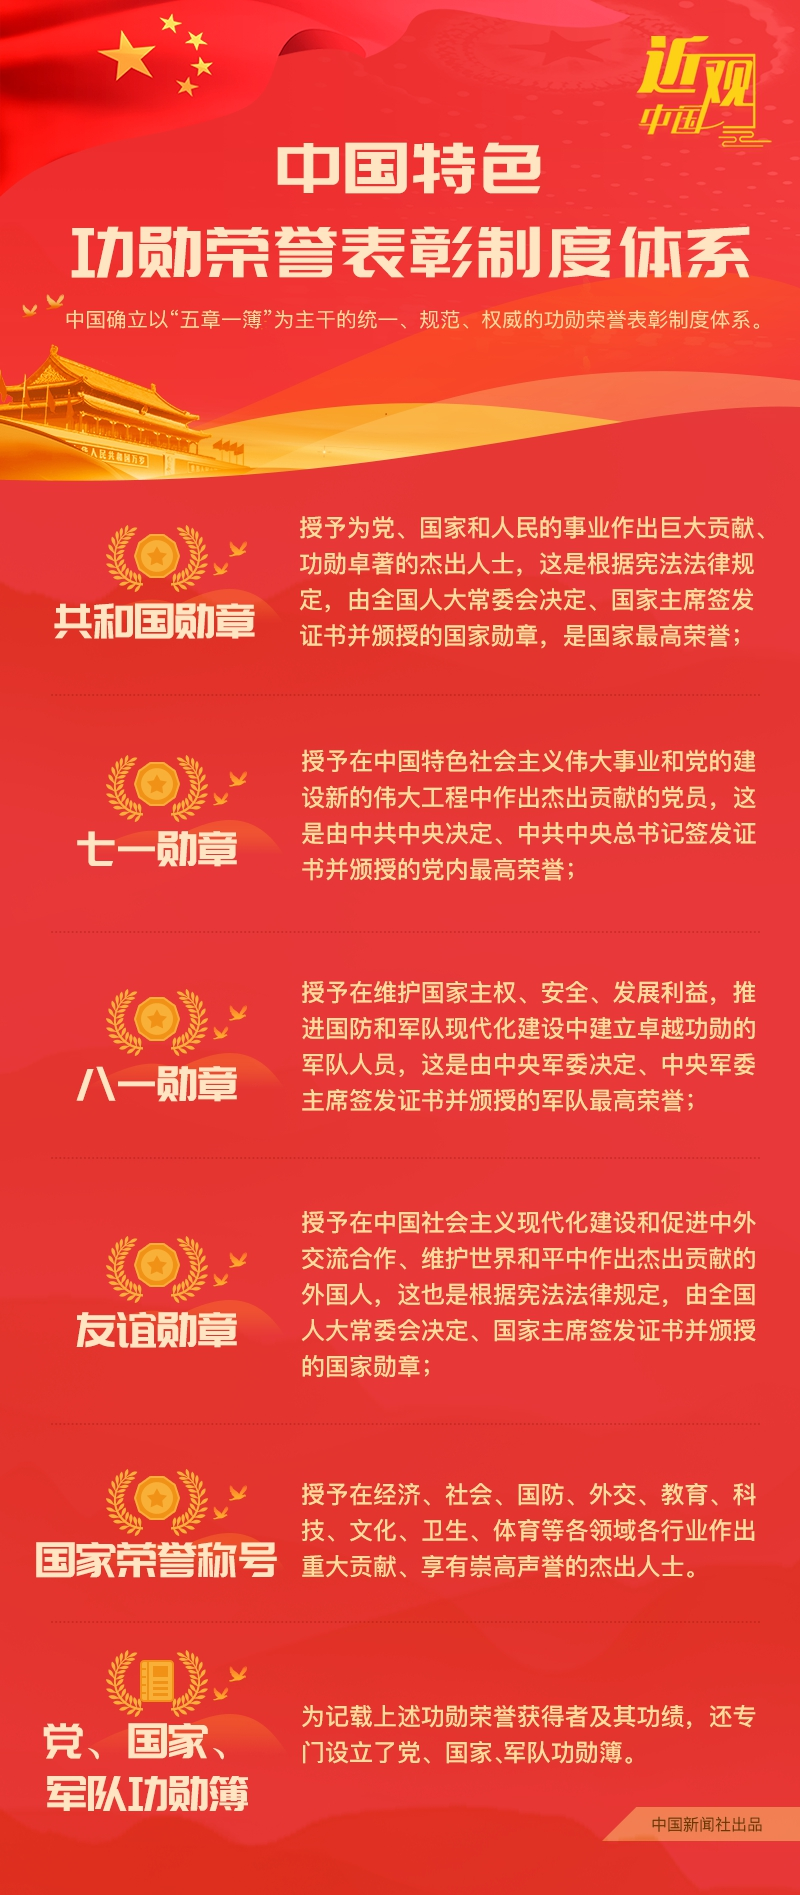 新中国成立70周年 习主席授勋背后的国家深意